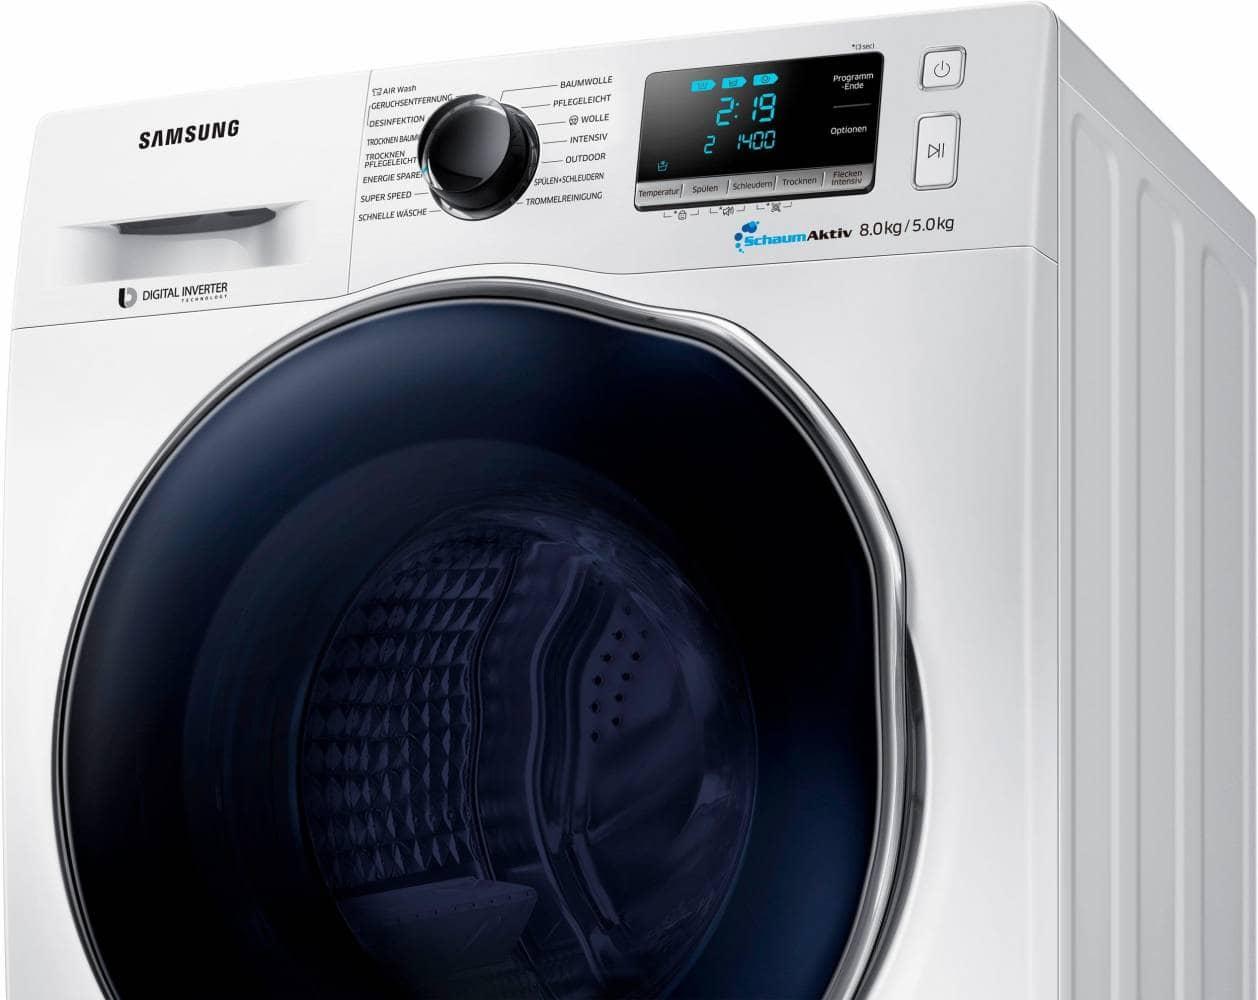 Samsung wd j a aw eg waschtrockner im test